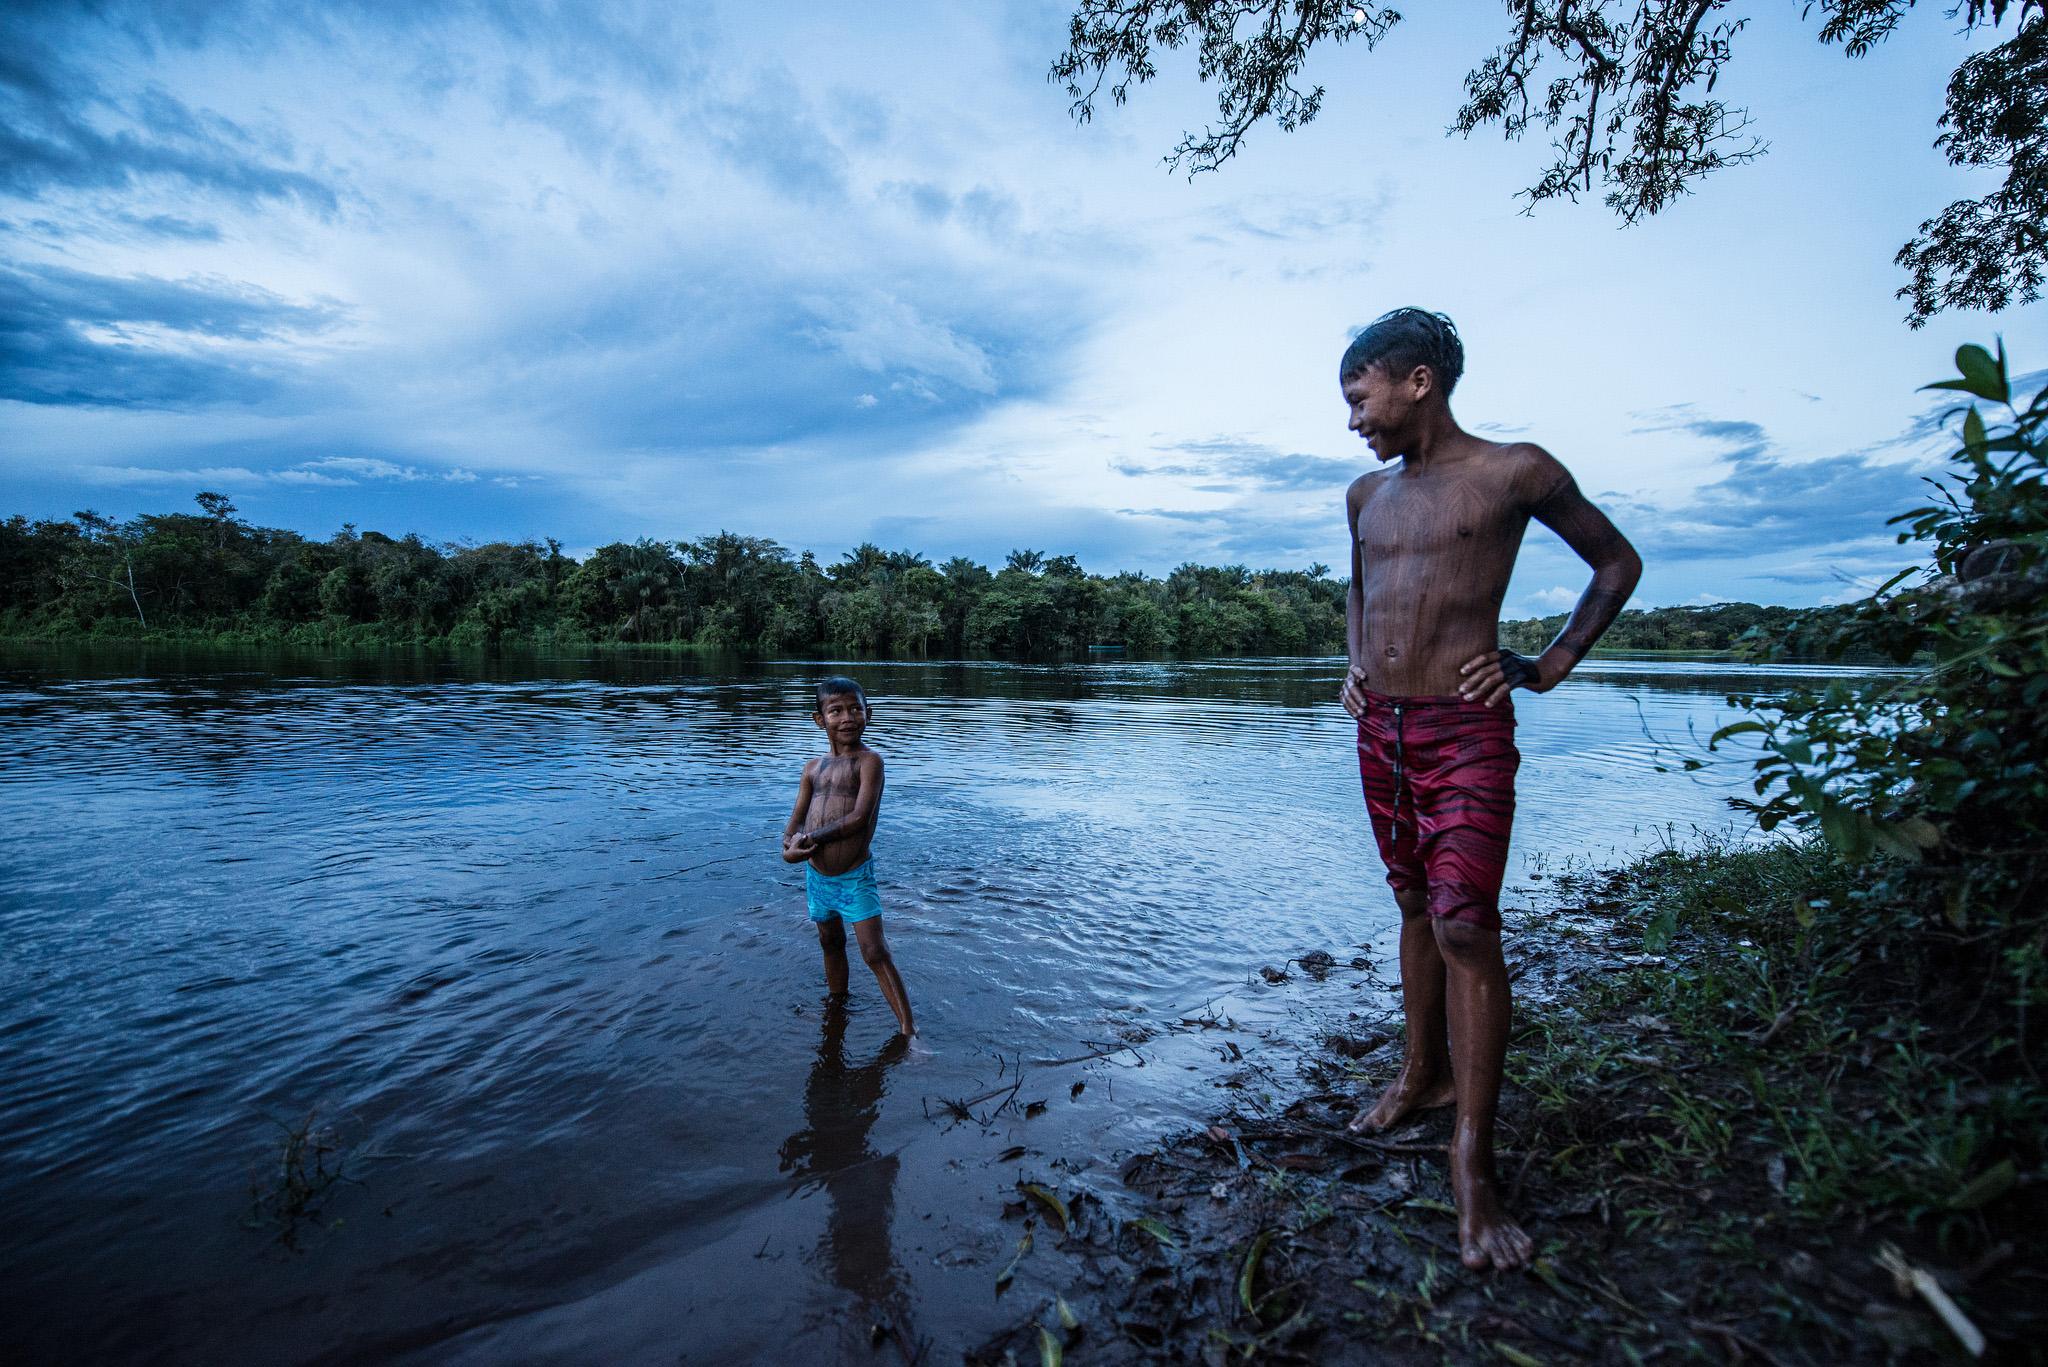 A Hidrelétrica de São Luiz do Tapajós: 16 – Os colonos e os residentes urbanos